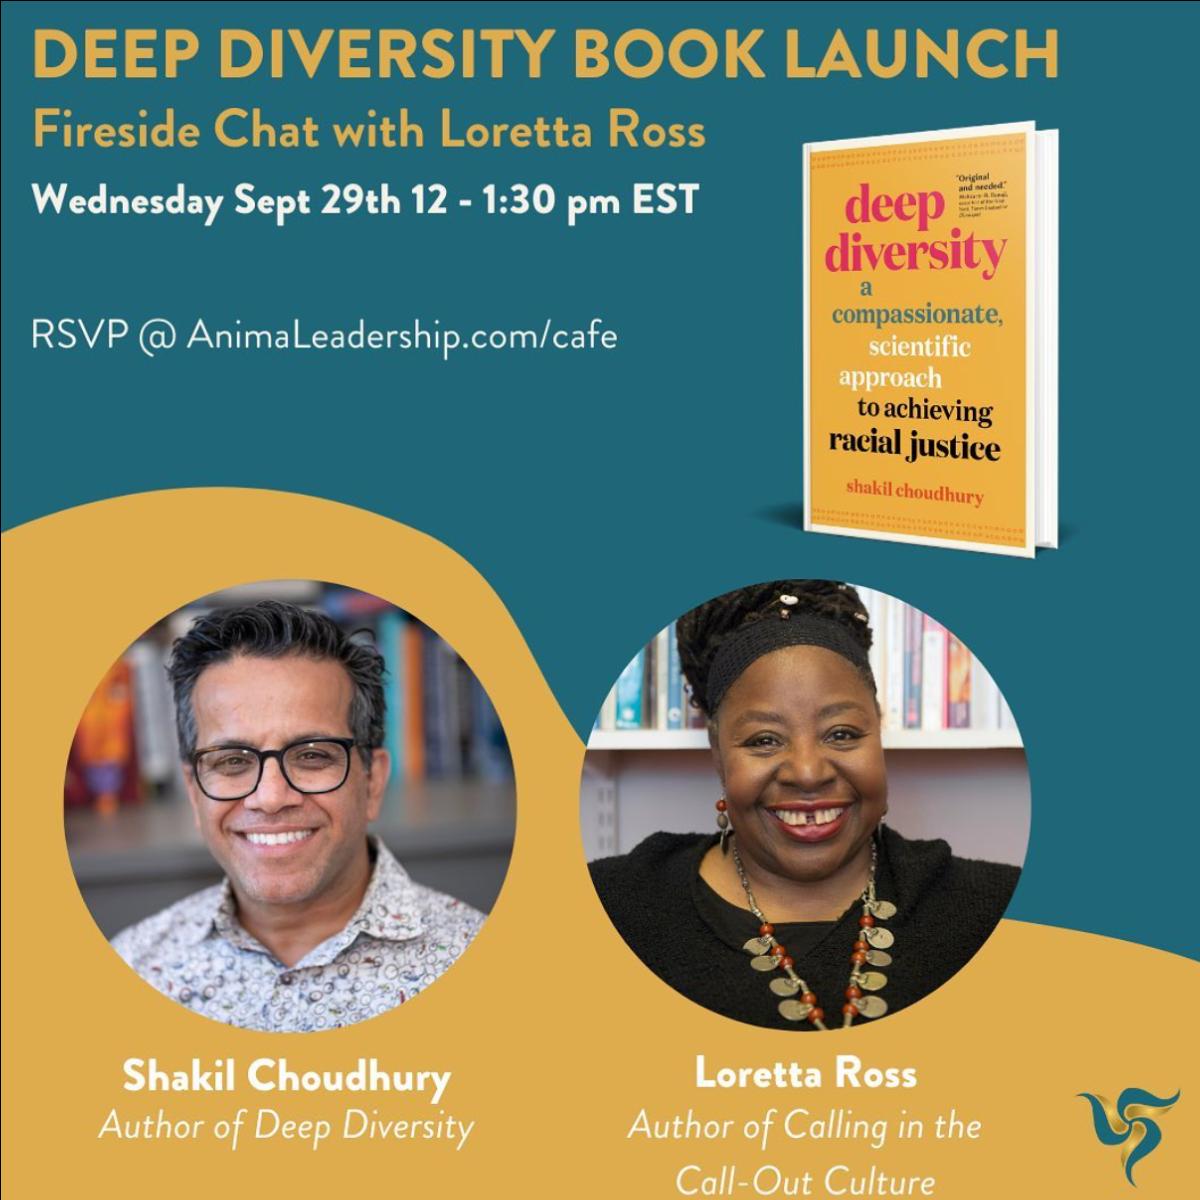 Deep Diversity Book Launch